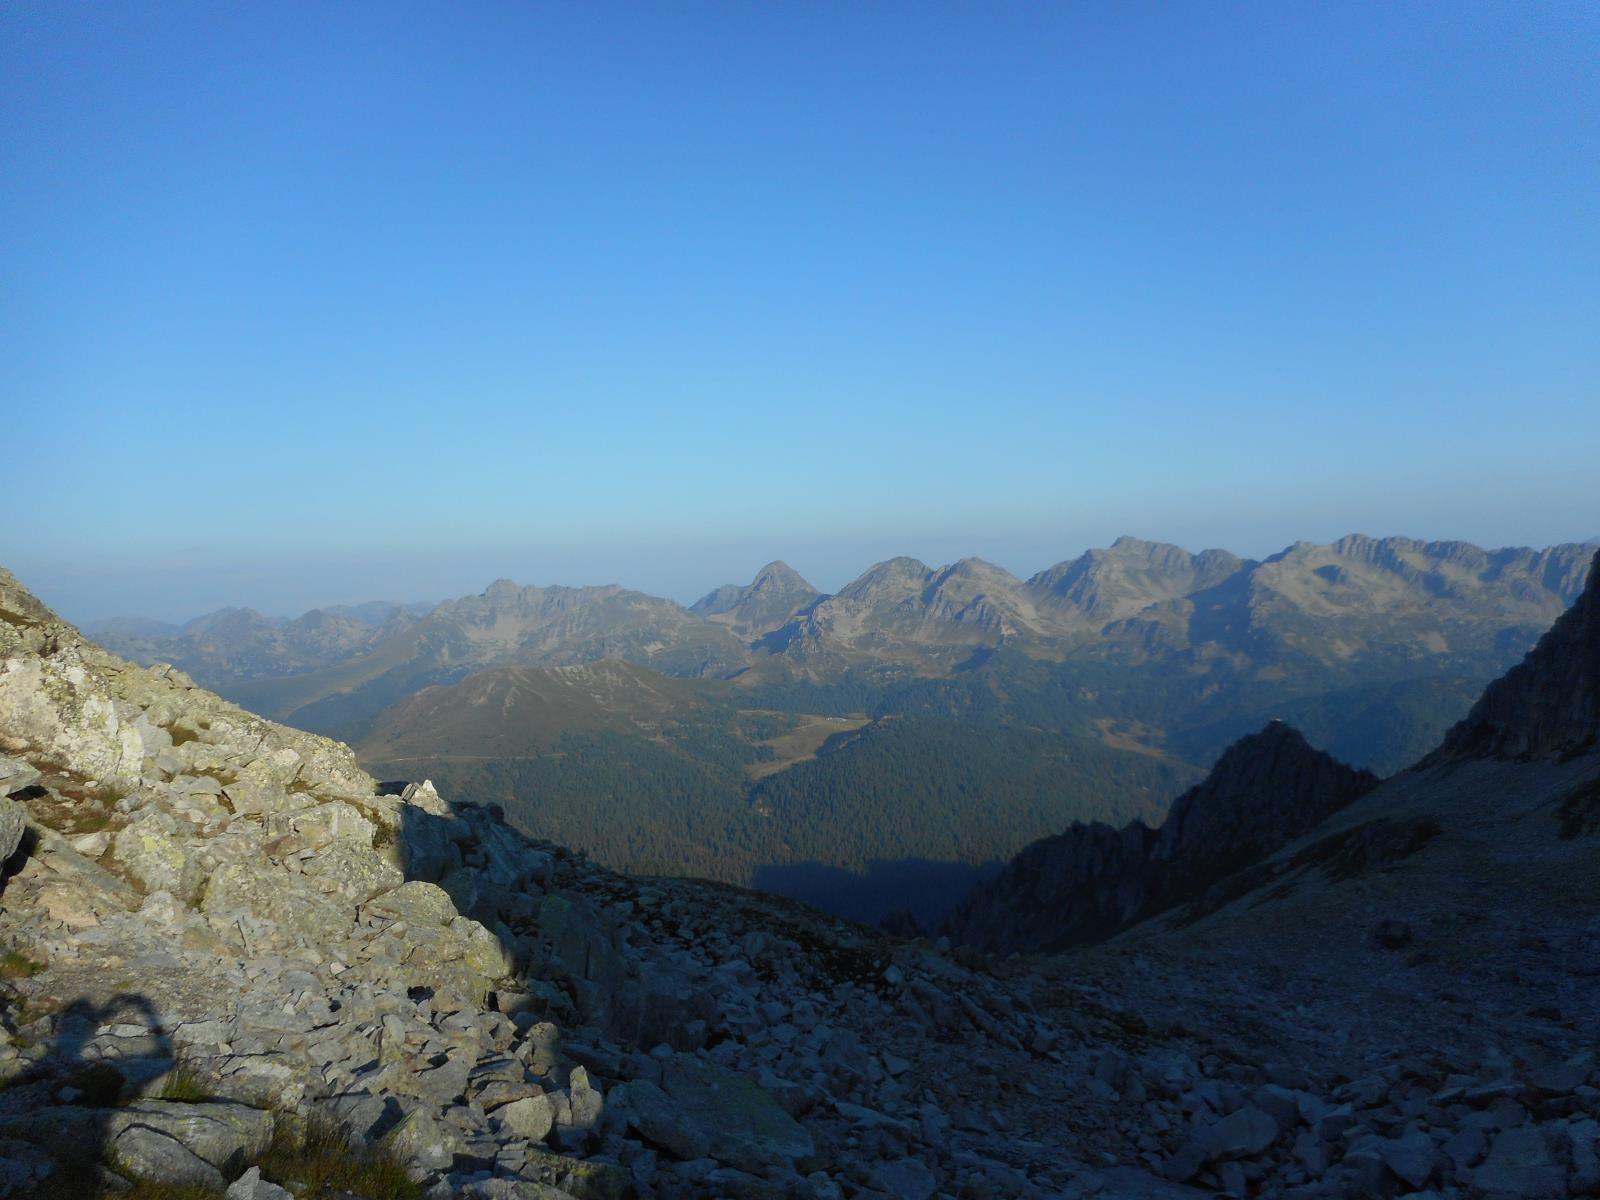 Vue matinale sur le Panevaggio depuis le massif d'Asta